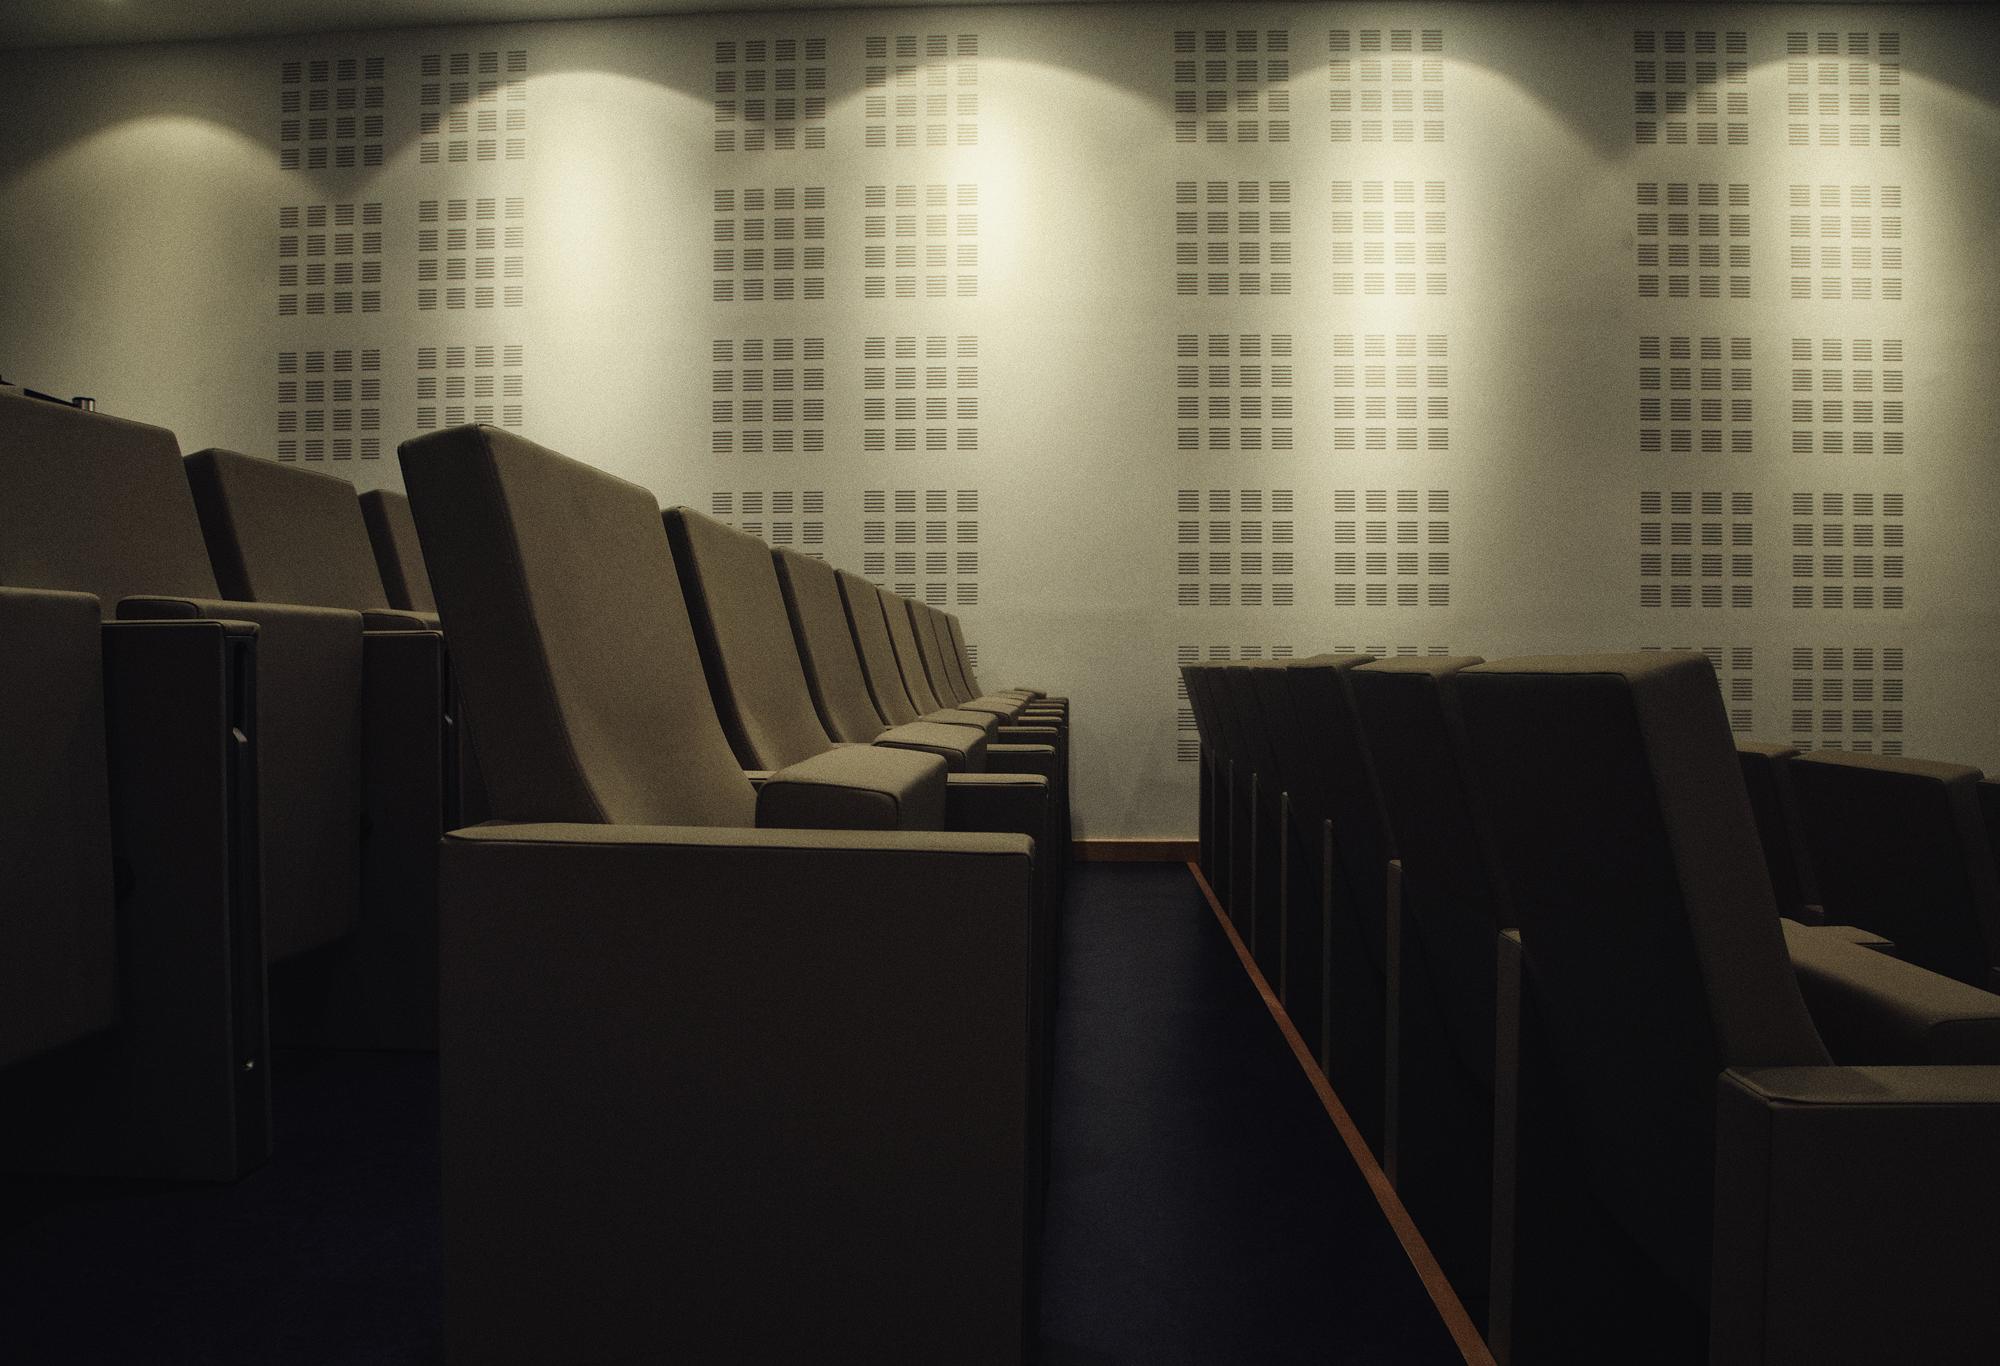 Os festivais de cinema a debate: boom ou burbulla?